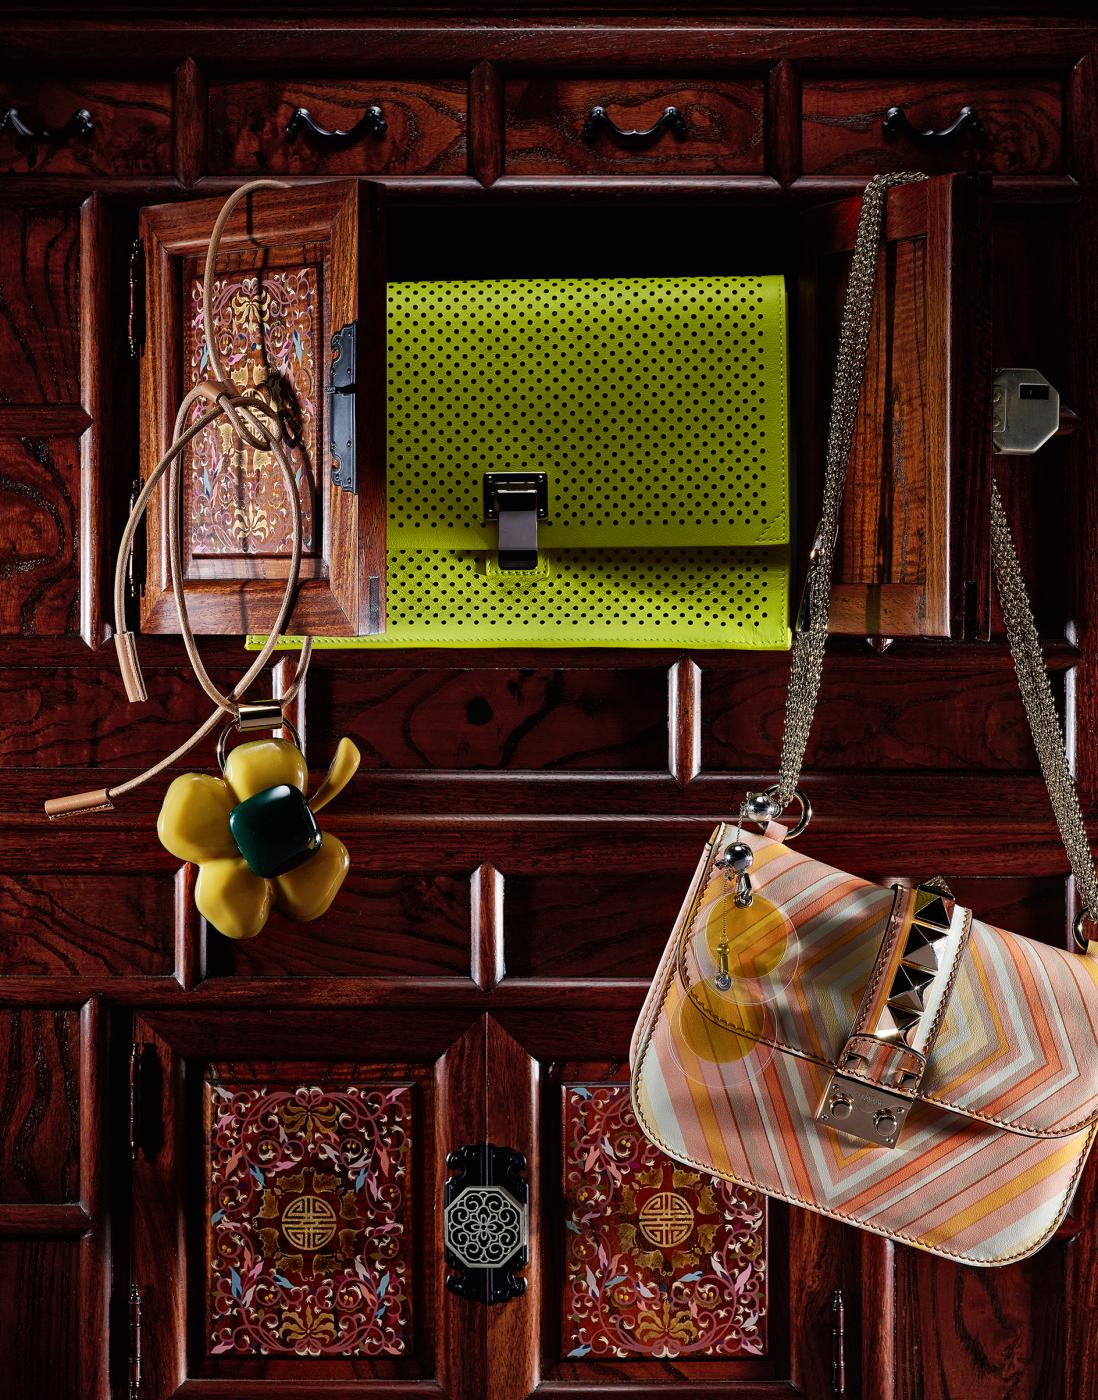 왼쪽부터 | 대담한 꽃 펜던트와 가죽 줄의 매치가 인상적인 목걸이는 Marni, 메시 소재를 연상시키는 펀칭 장식의 가죽 소재 네온색 클러치는 Proenza Schouler, 감미로운 컬러 팔레트의 그래픽이 돋보이는 백은 Valentino, 화사한 노란색의 원형 귀고리는 Prada 제품.